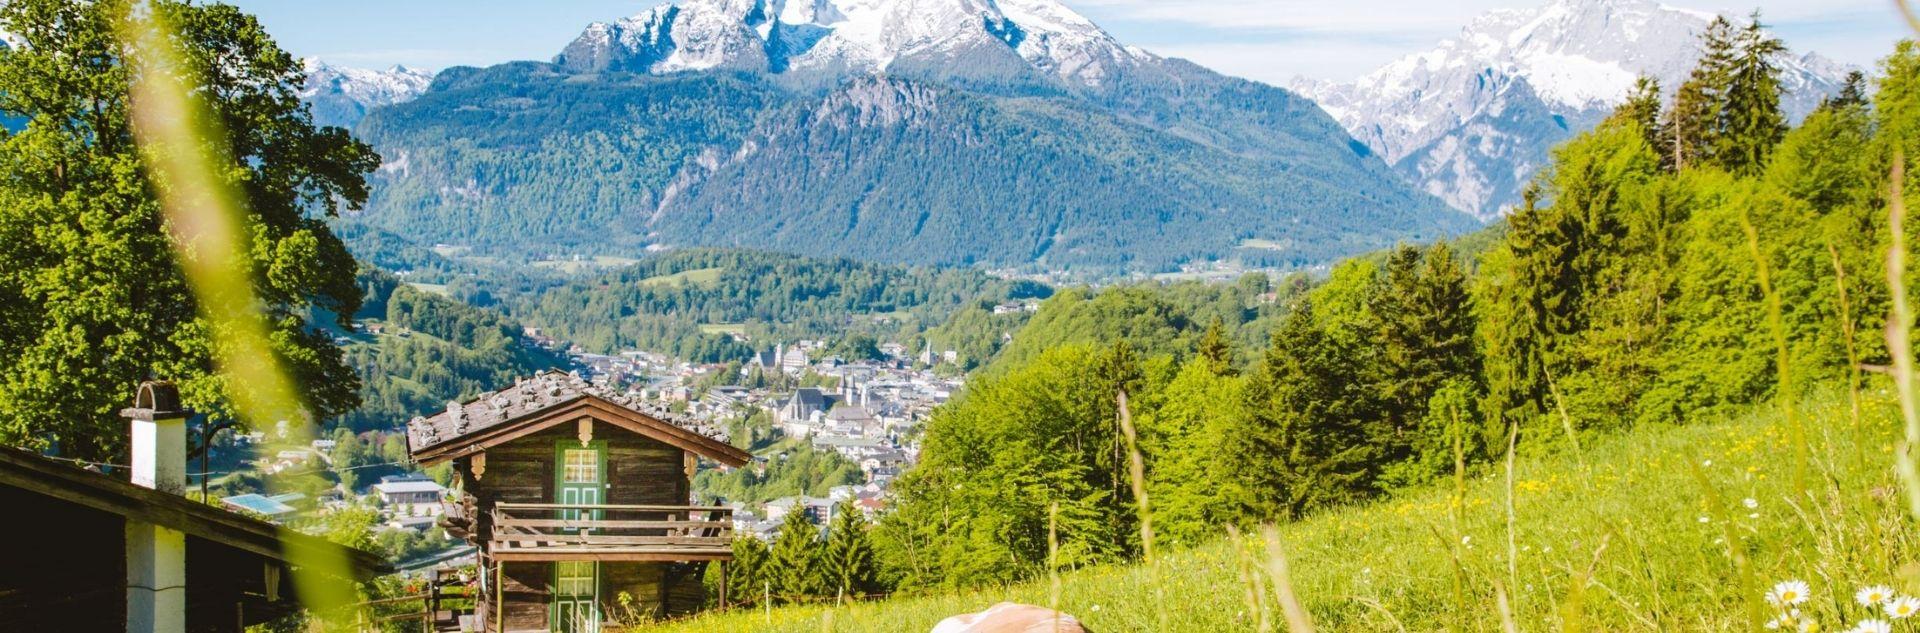 Österreich - Berge und Wiese